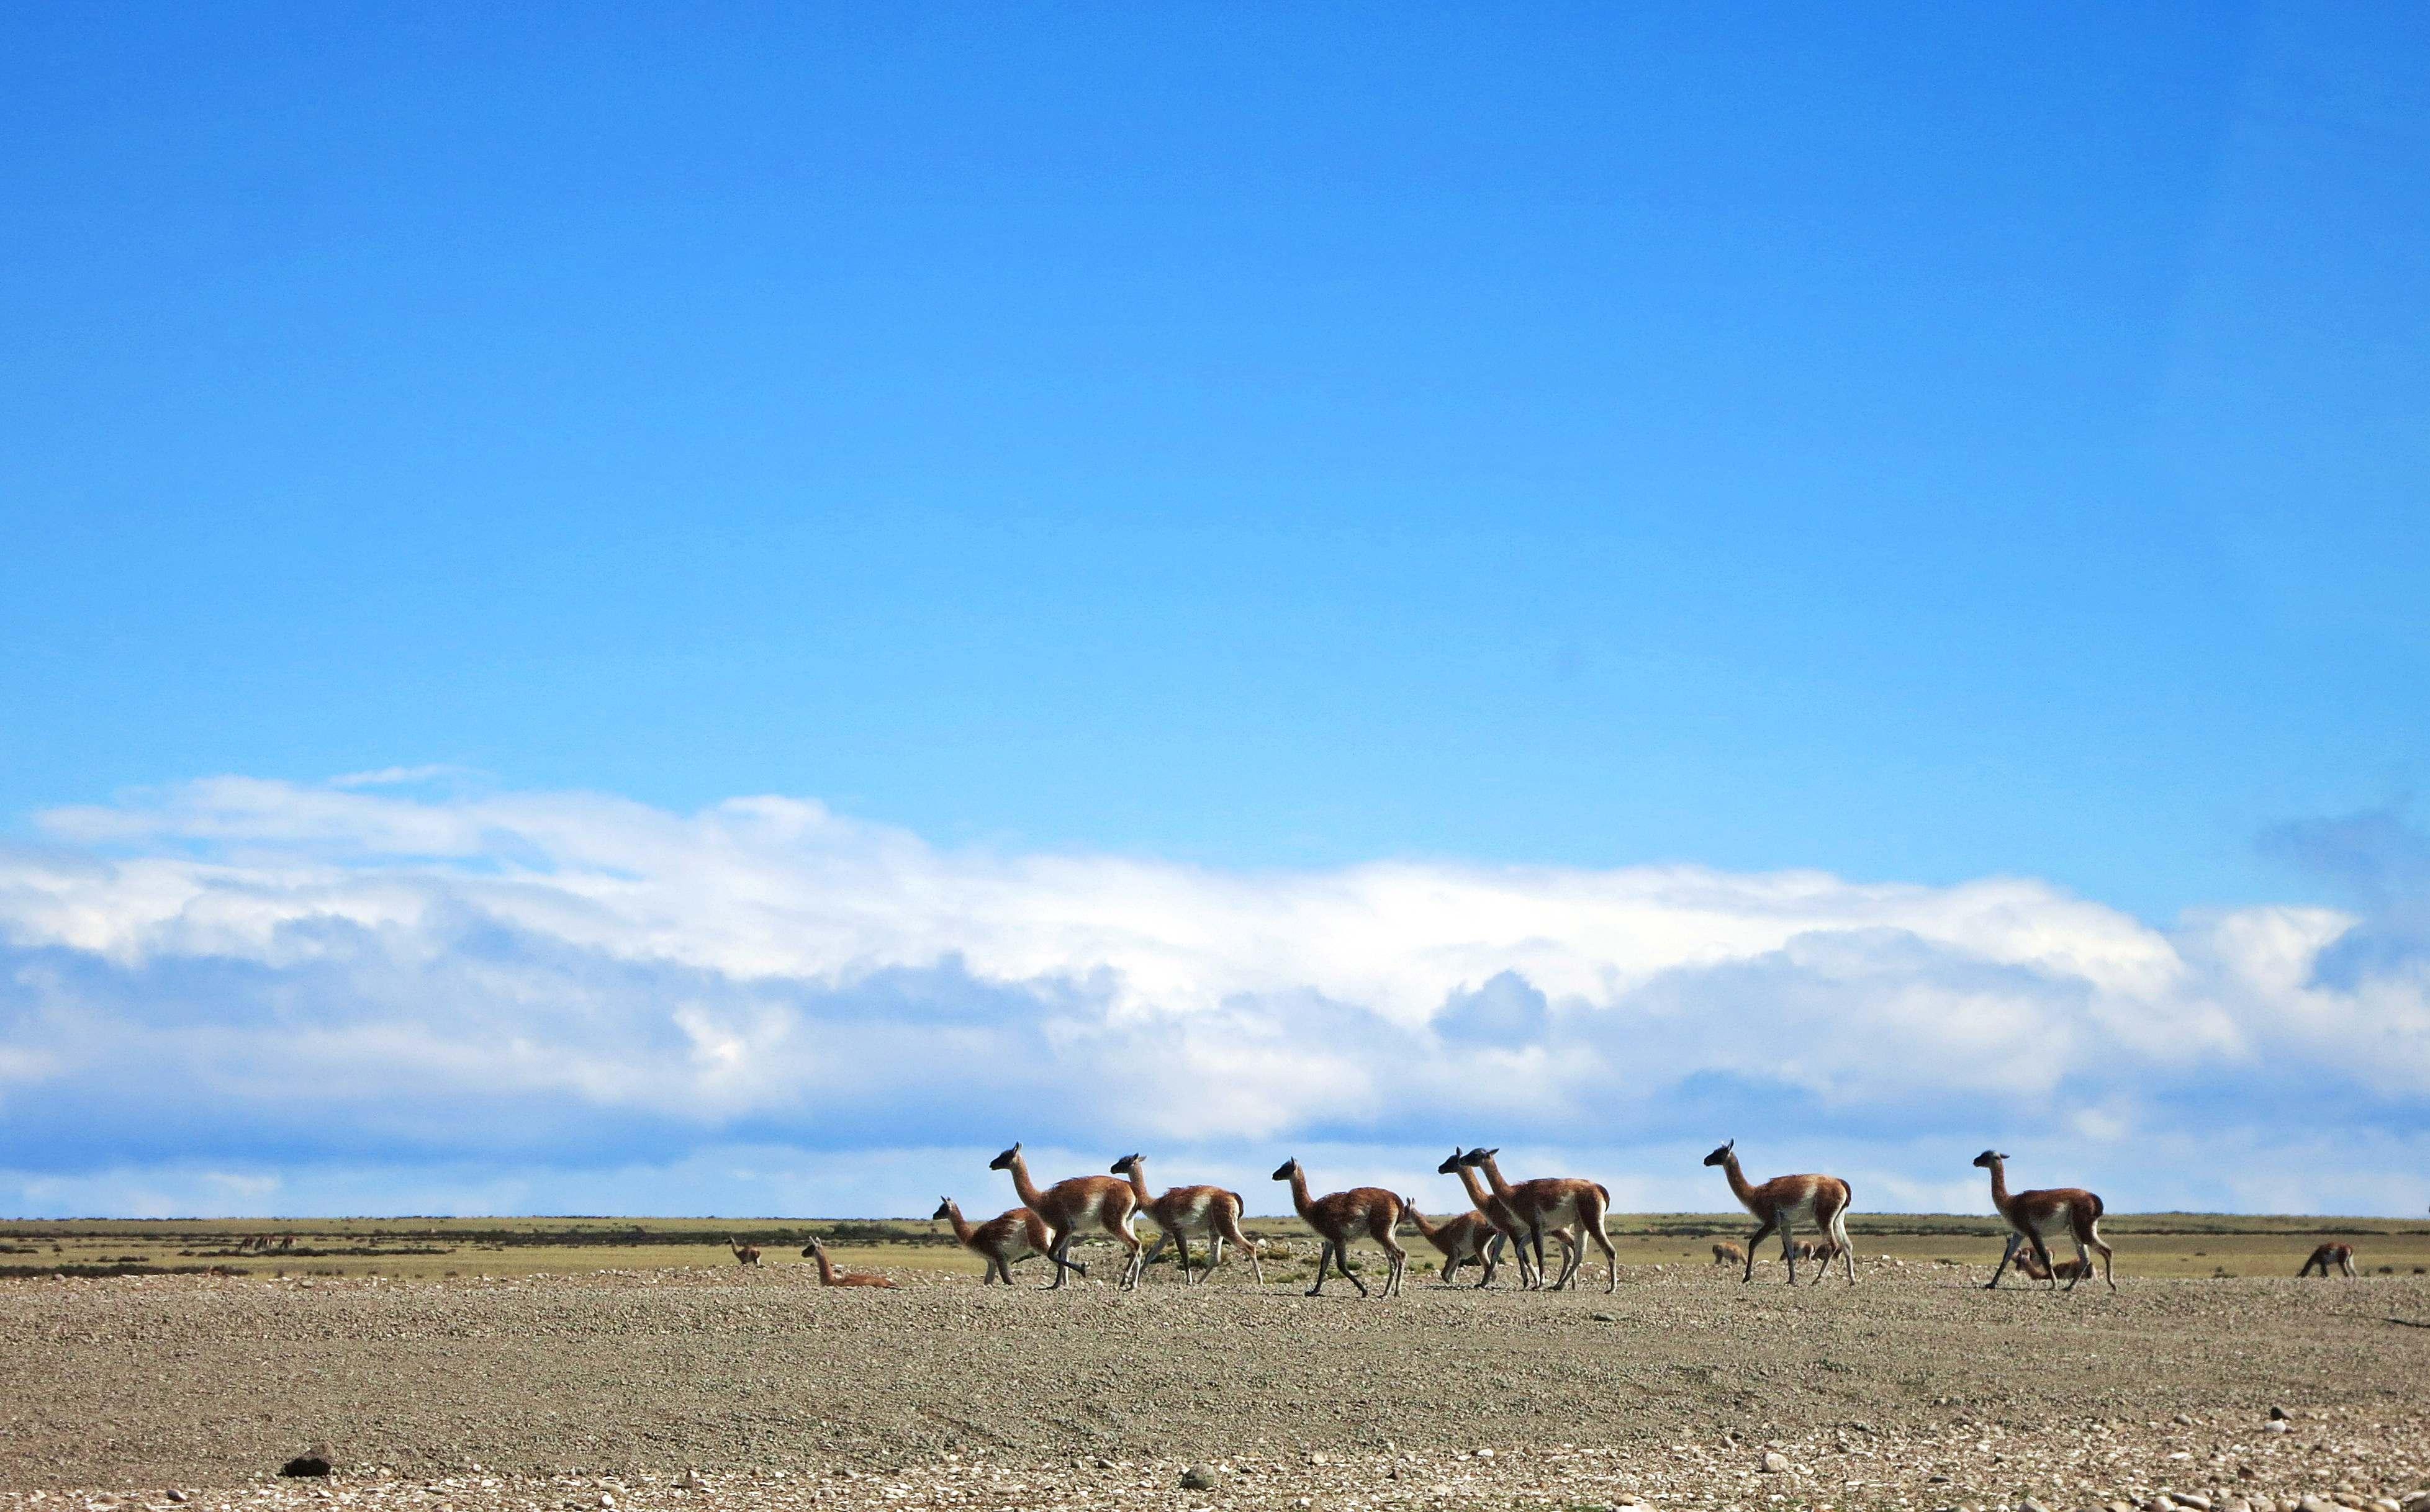 Guanacoherde Patagonien